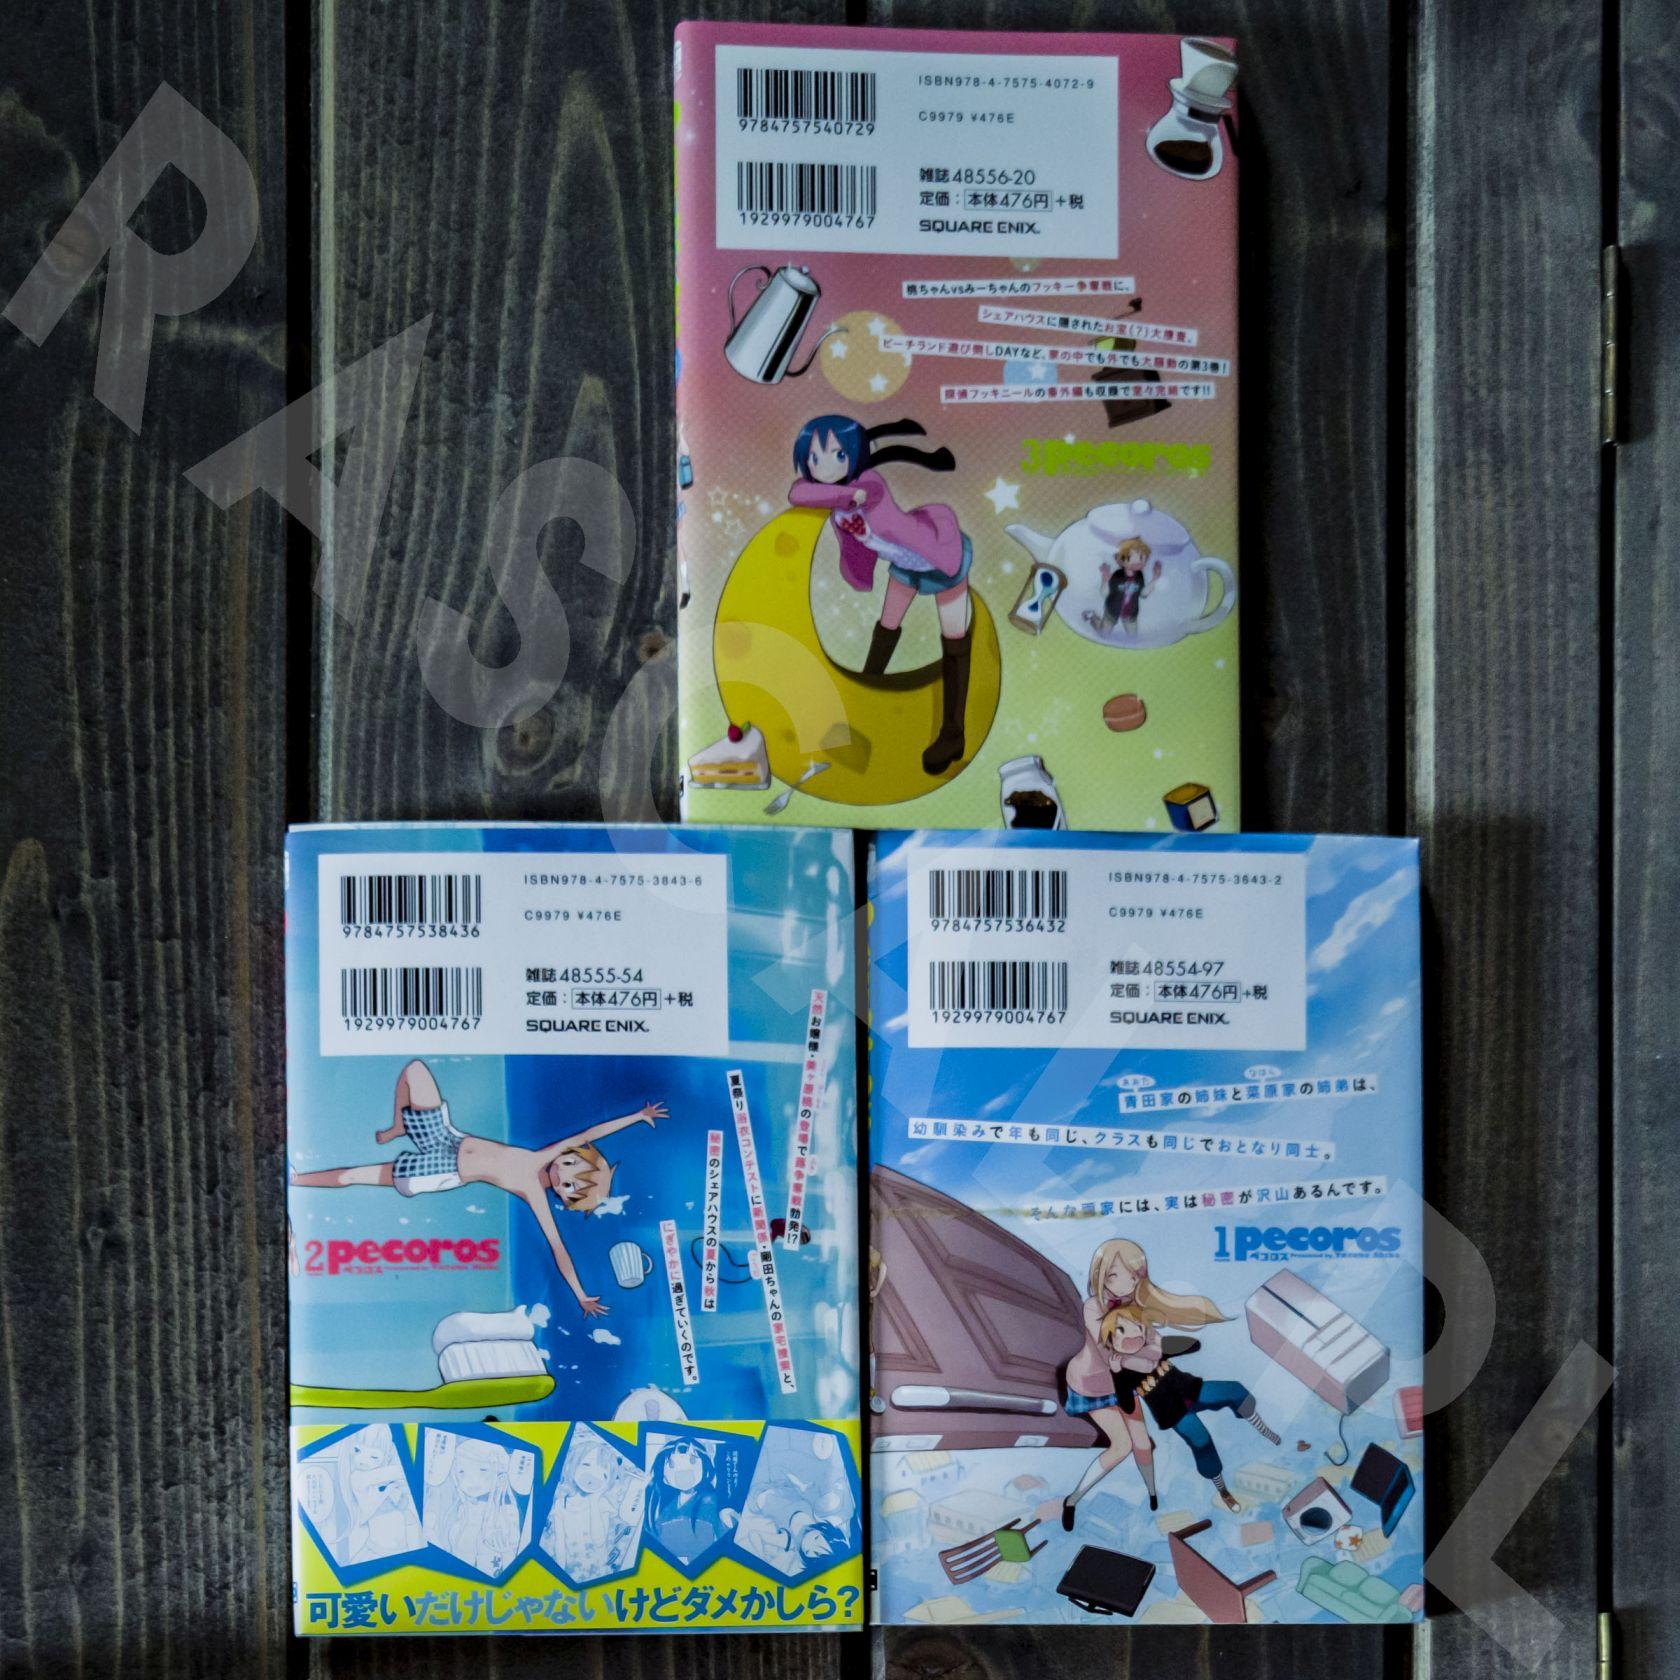 Pecoros (1-3) - Big Gangan Comics - Nowości w kolekcji mangi (listopad 2020) - rascal.pl